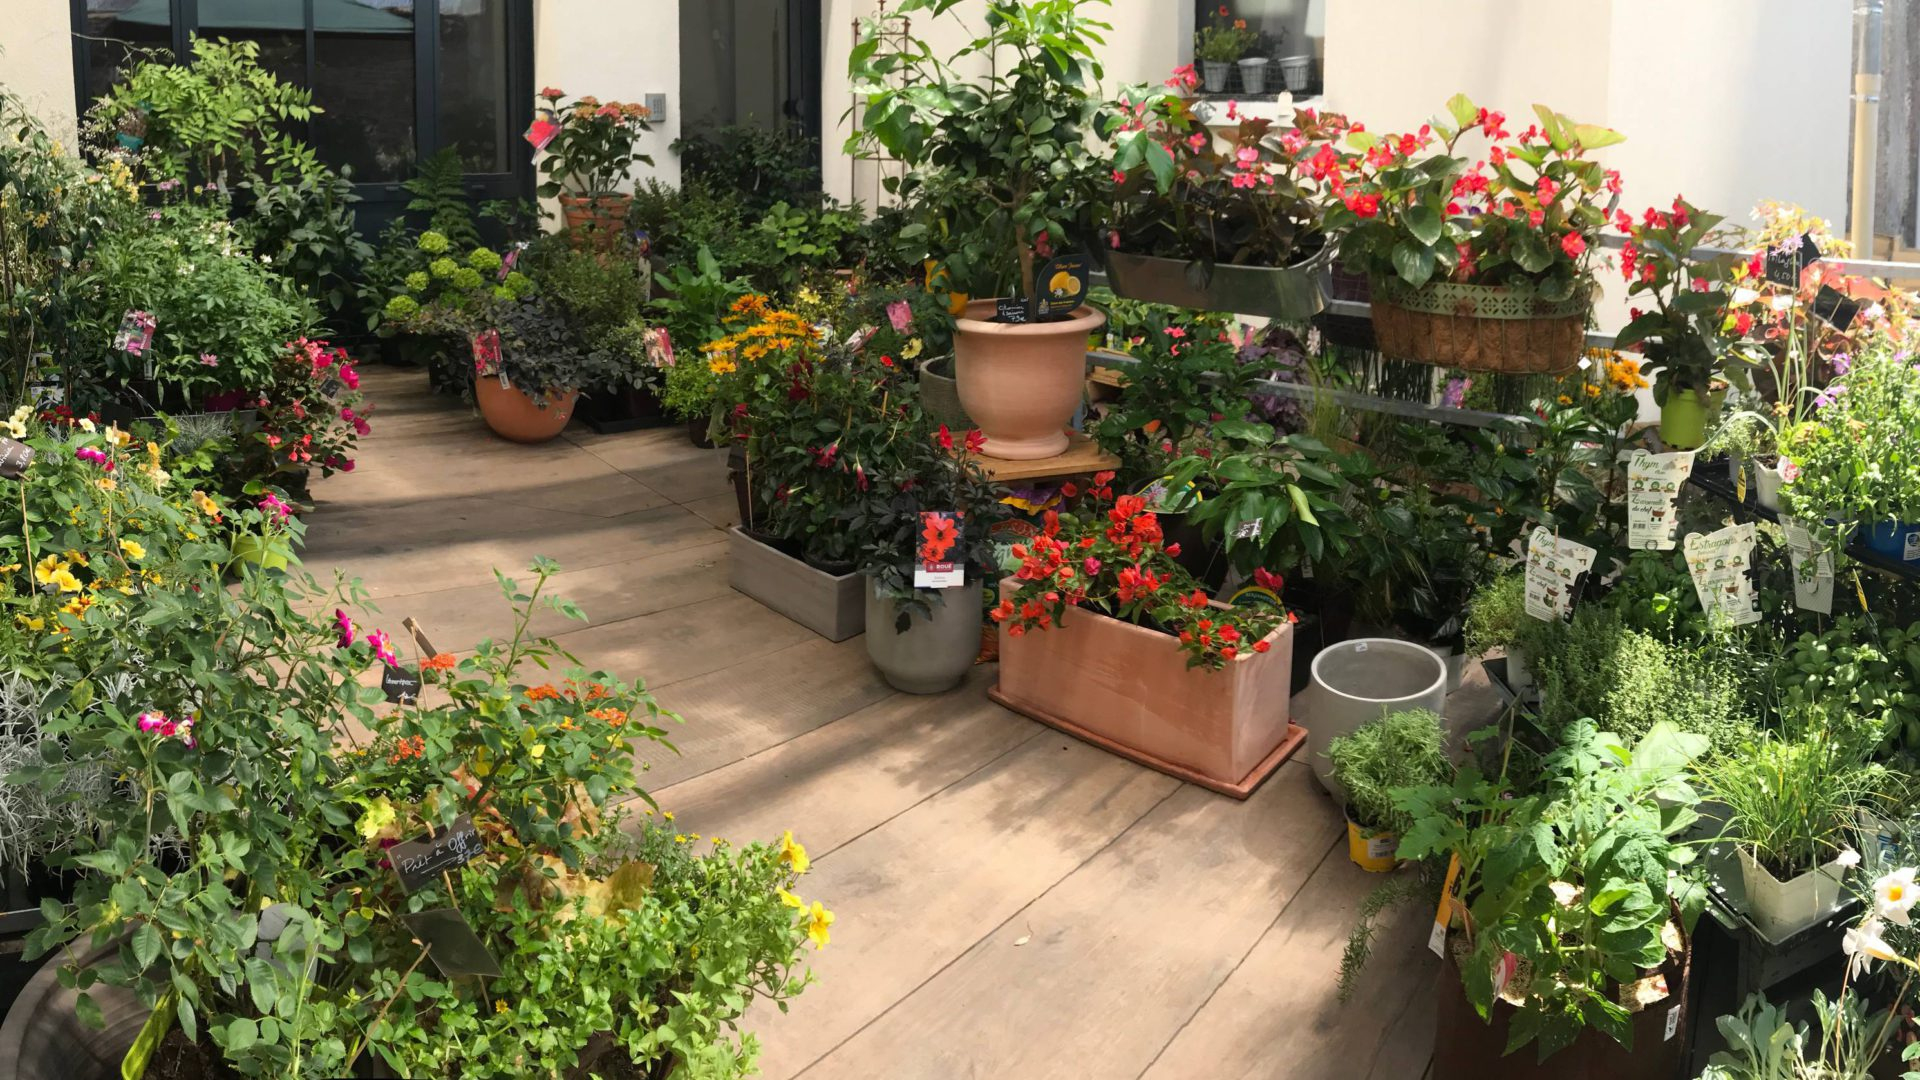 Hortelli - Petits Jardins Et Beaux Objets En Cœur De Ville À ... tout Objets Decoration Jardin Exterieur